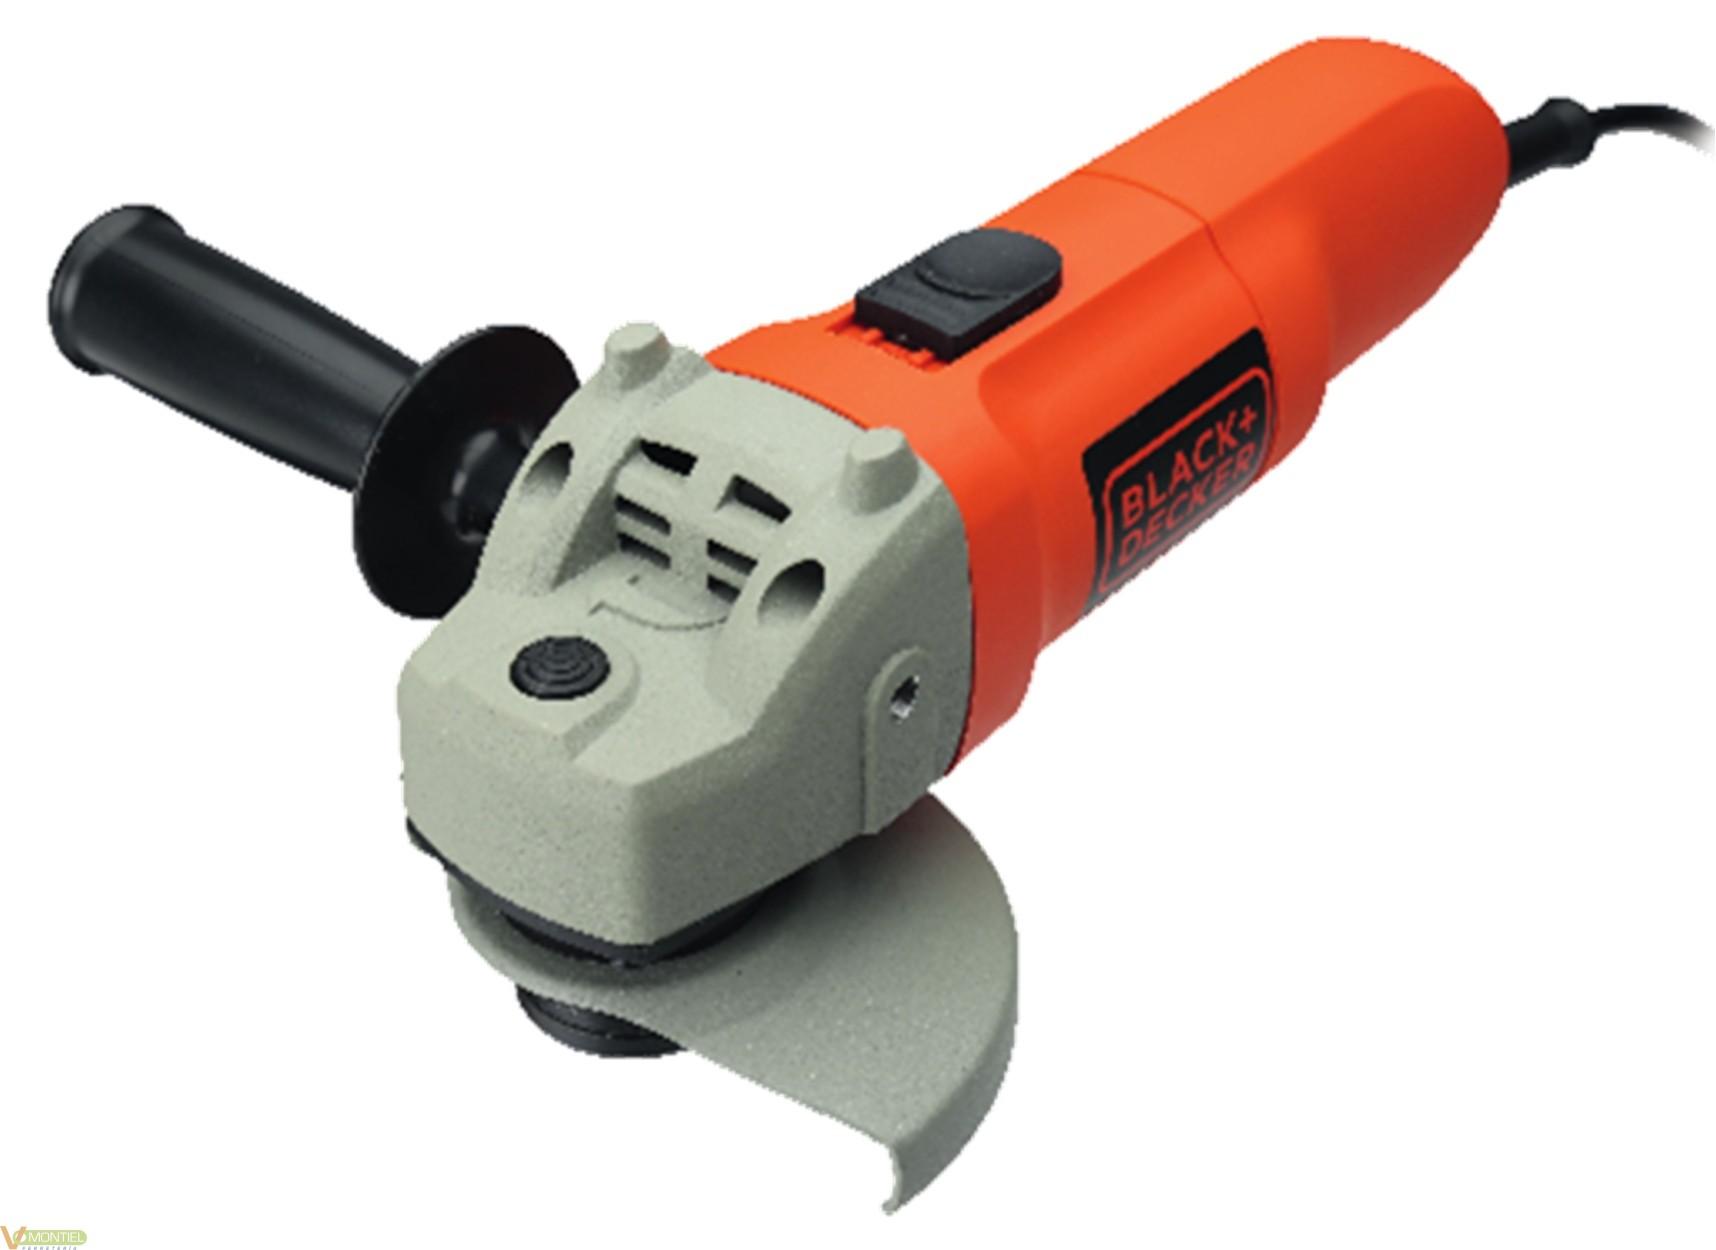 Amoladora bric 115 mm 750w kg1-0